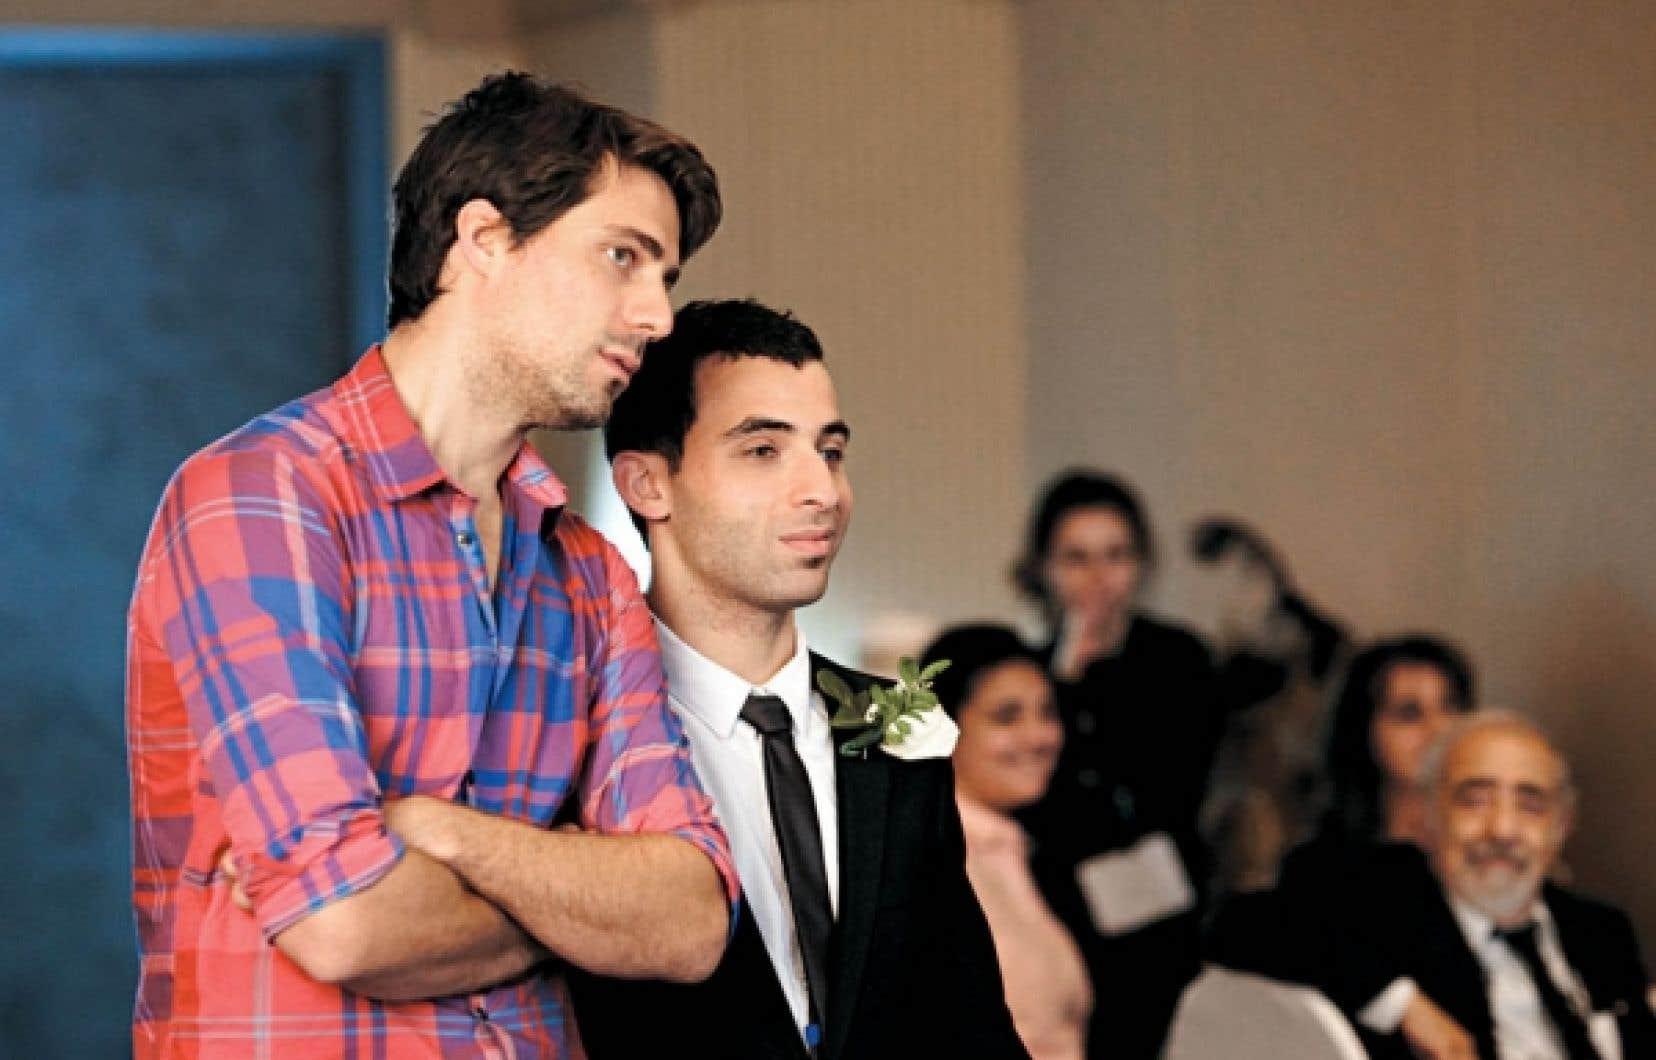 Le réalisateur Ivan Grbovic et sa vedette Ali Ammar durant le tournage du film Roméo Onze.